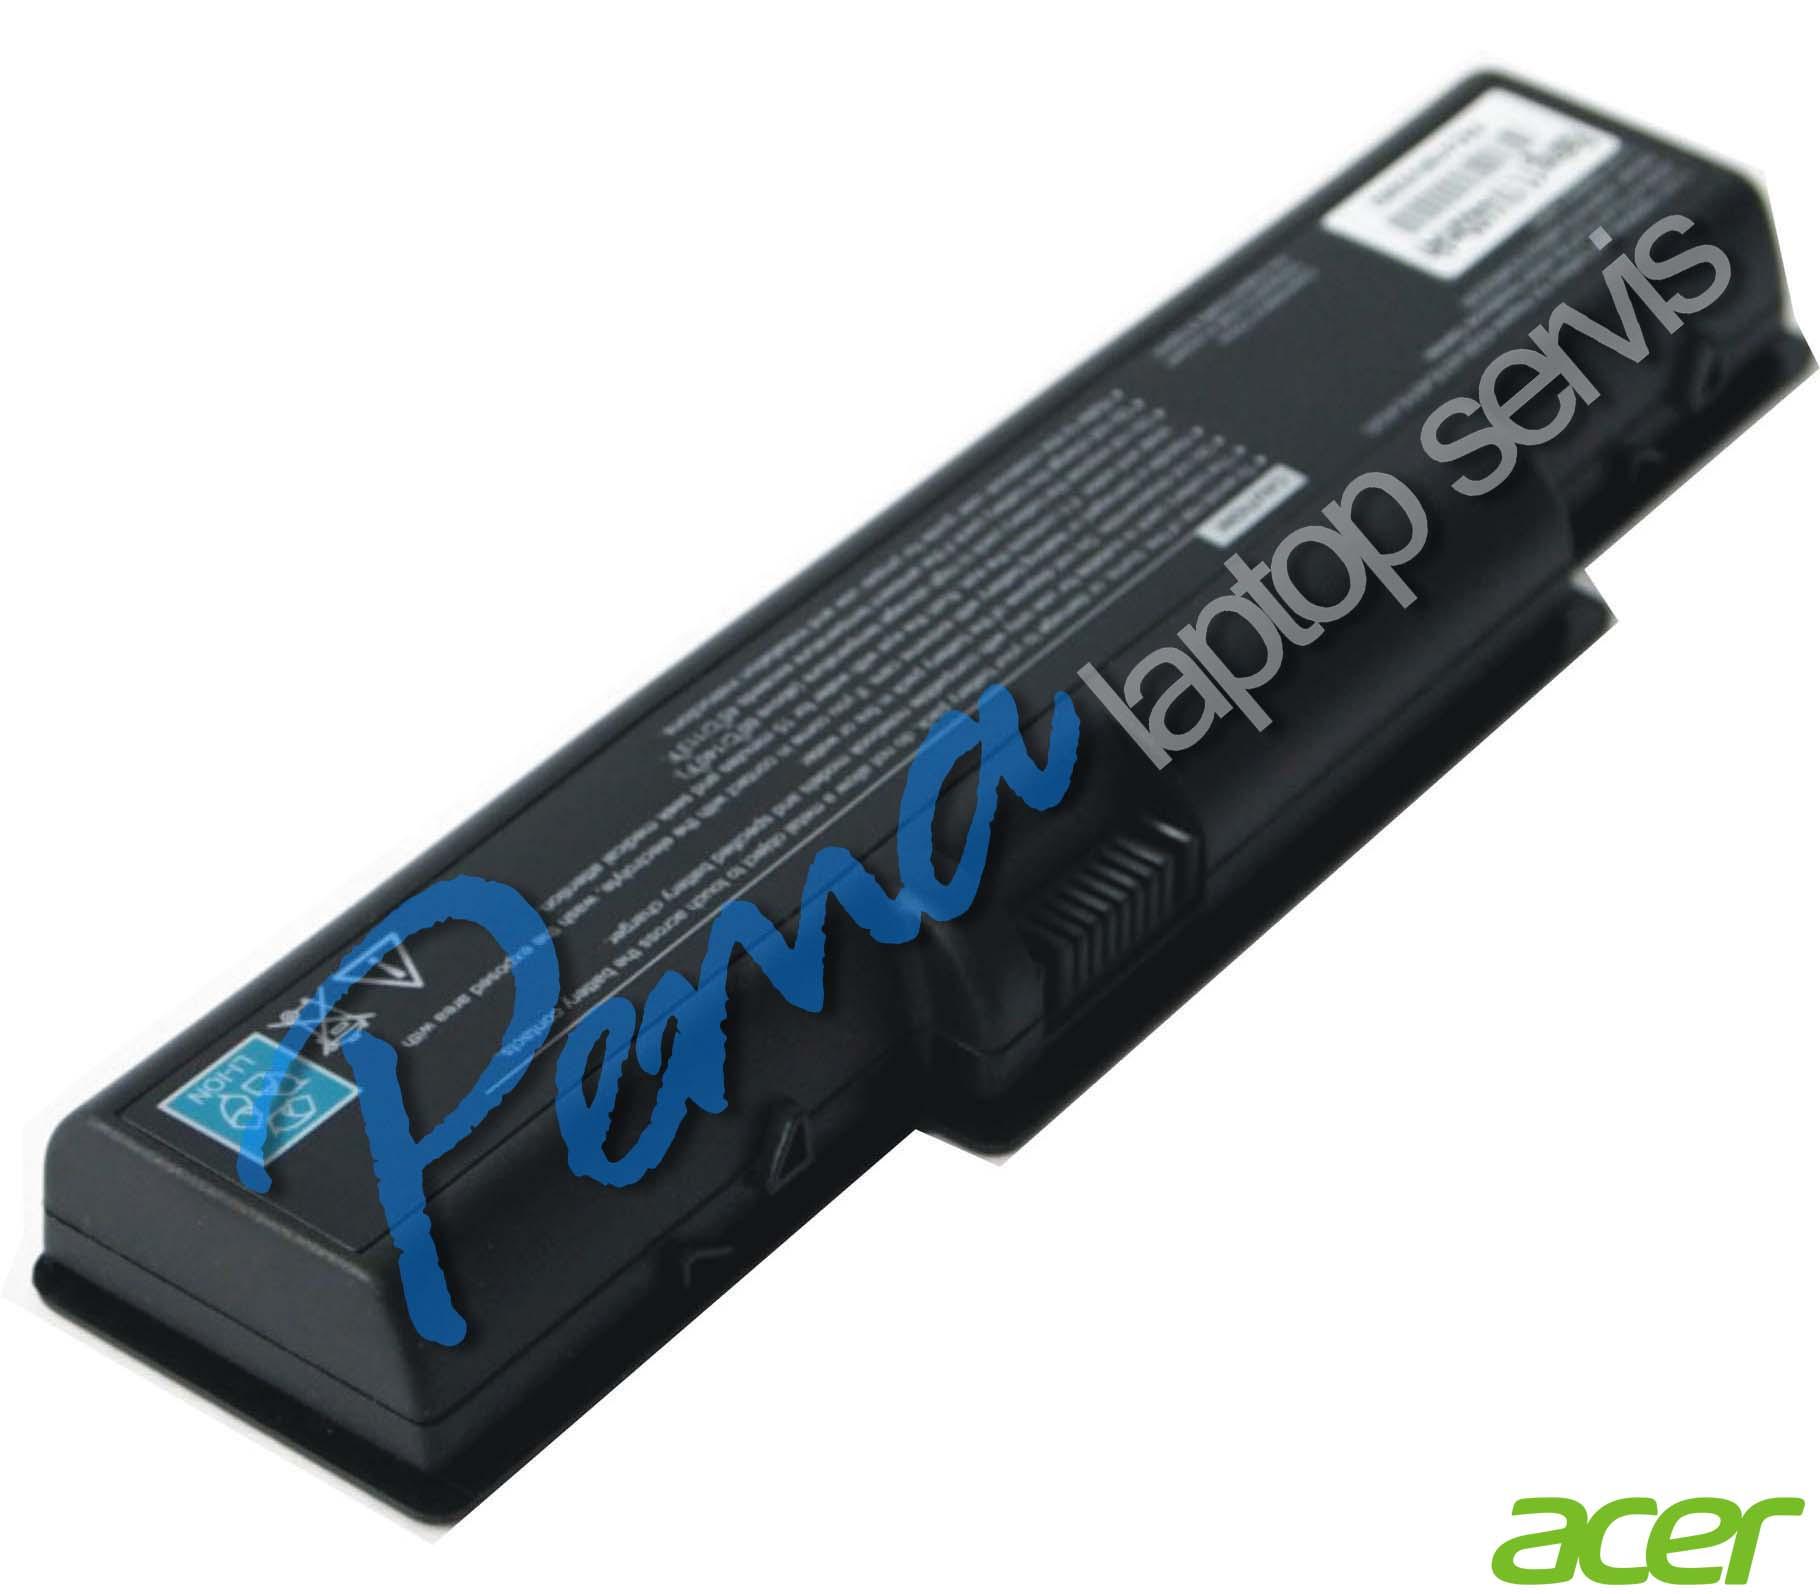 Acer Aspire 2920 batarya